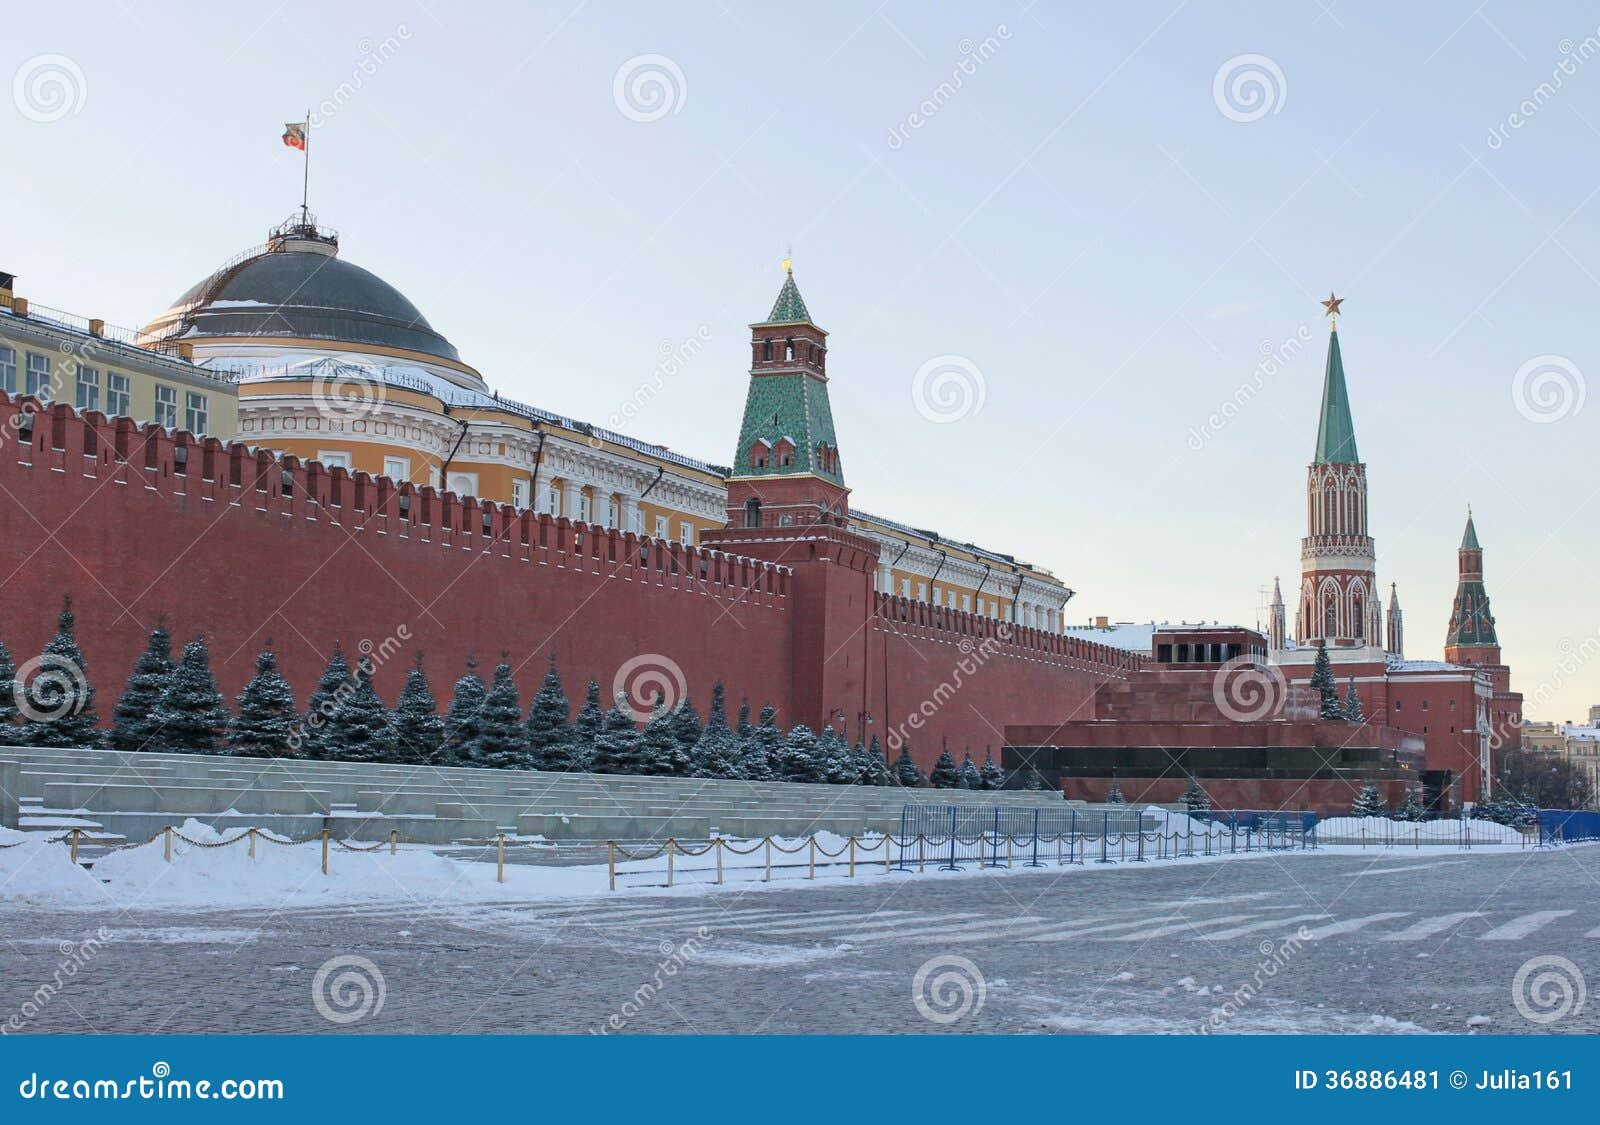 Download Quadrato rosso, Mosca fotografia editoriale. Immagine di russo - 36886481